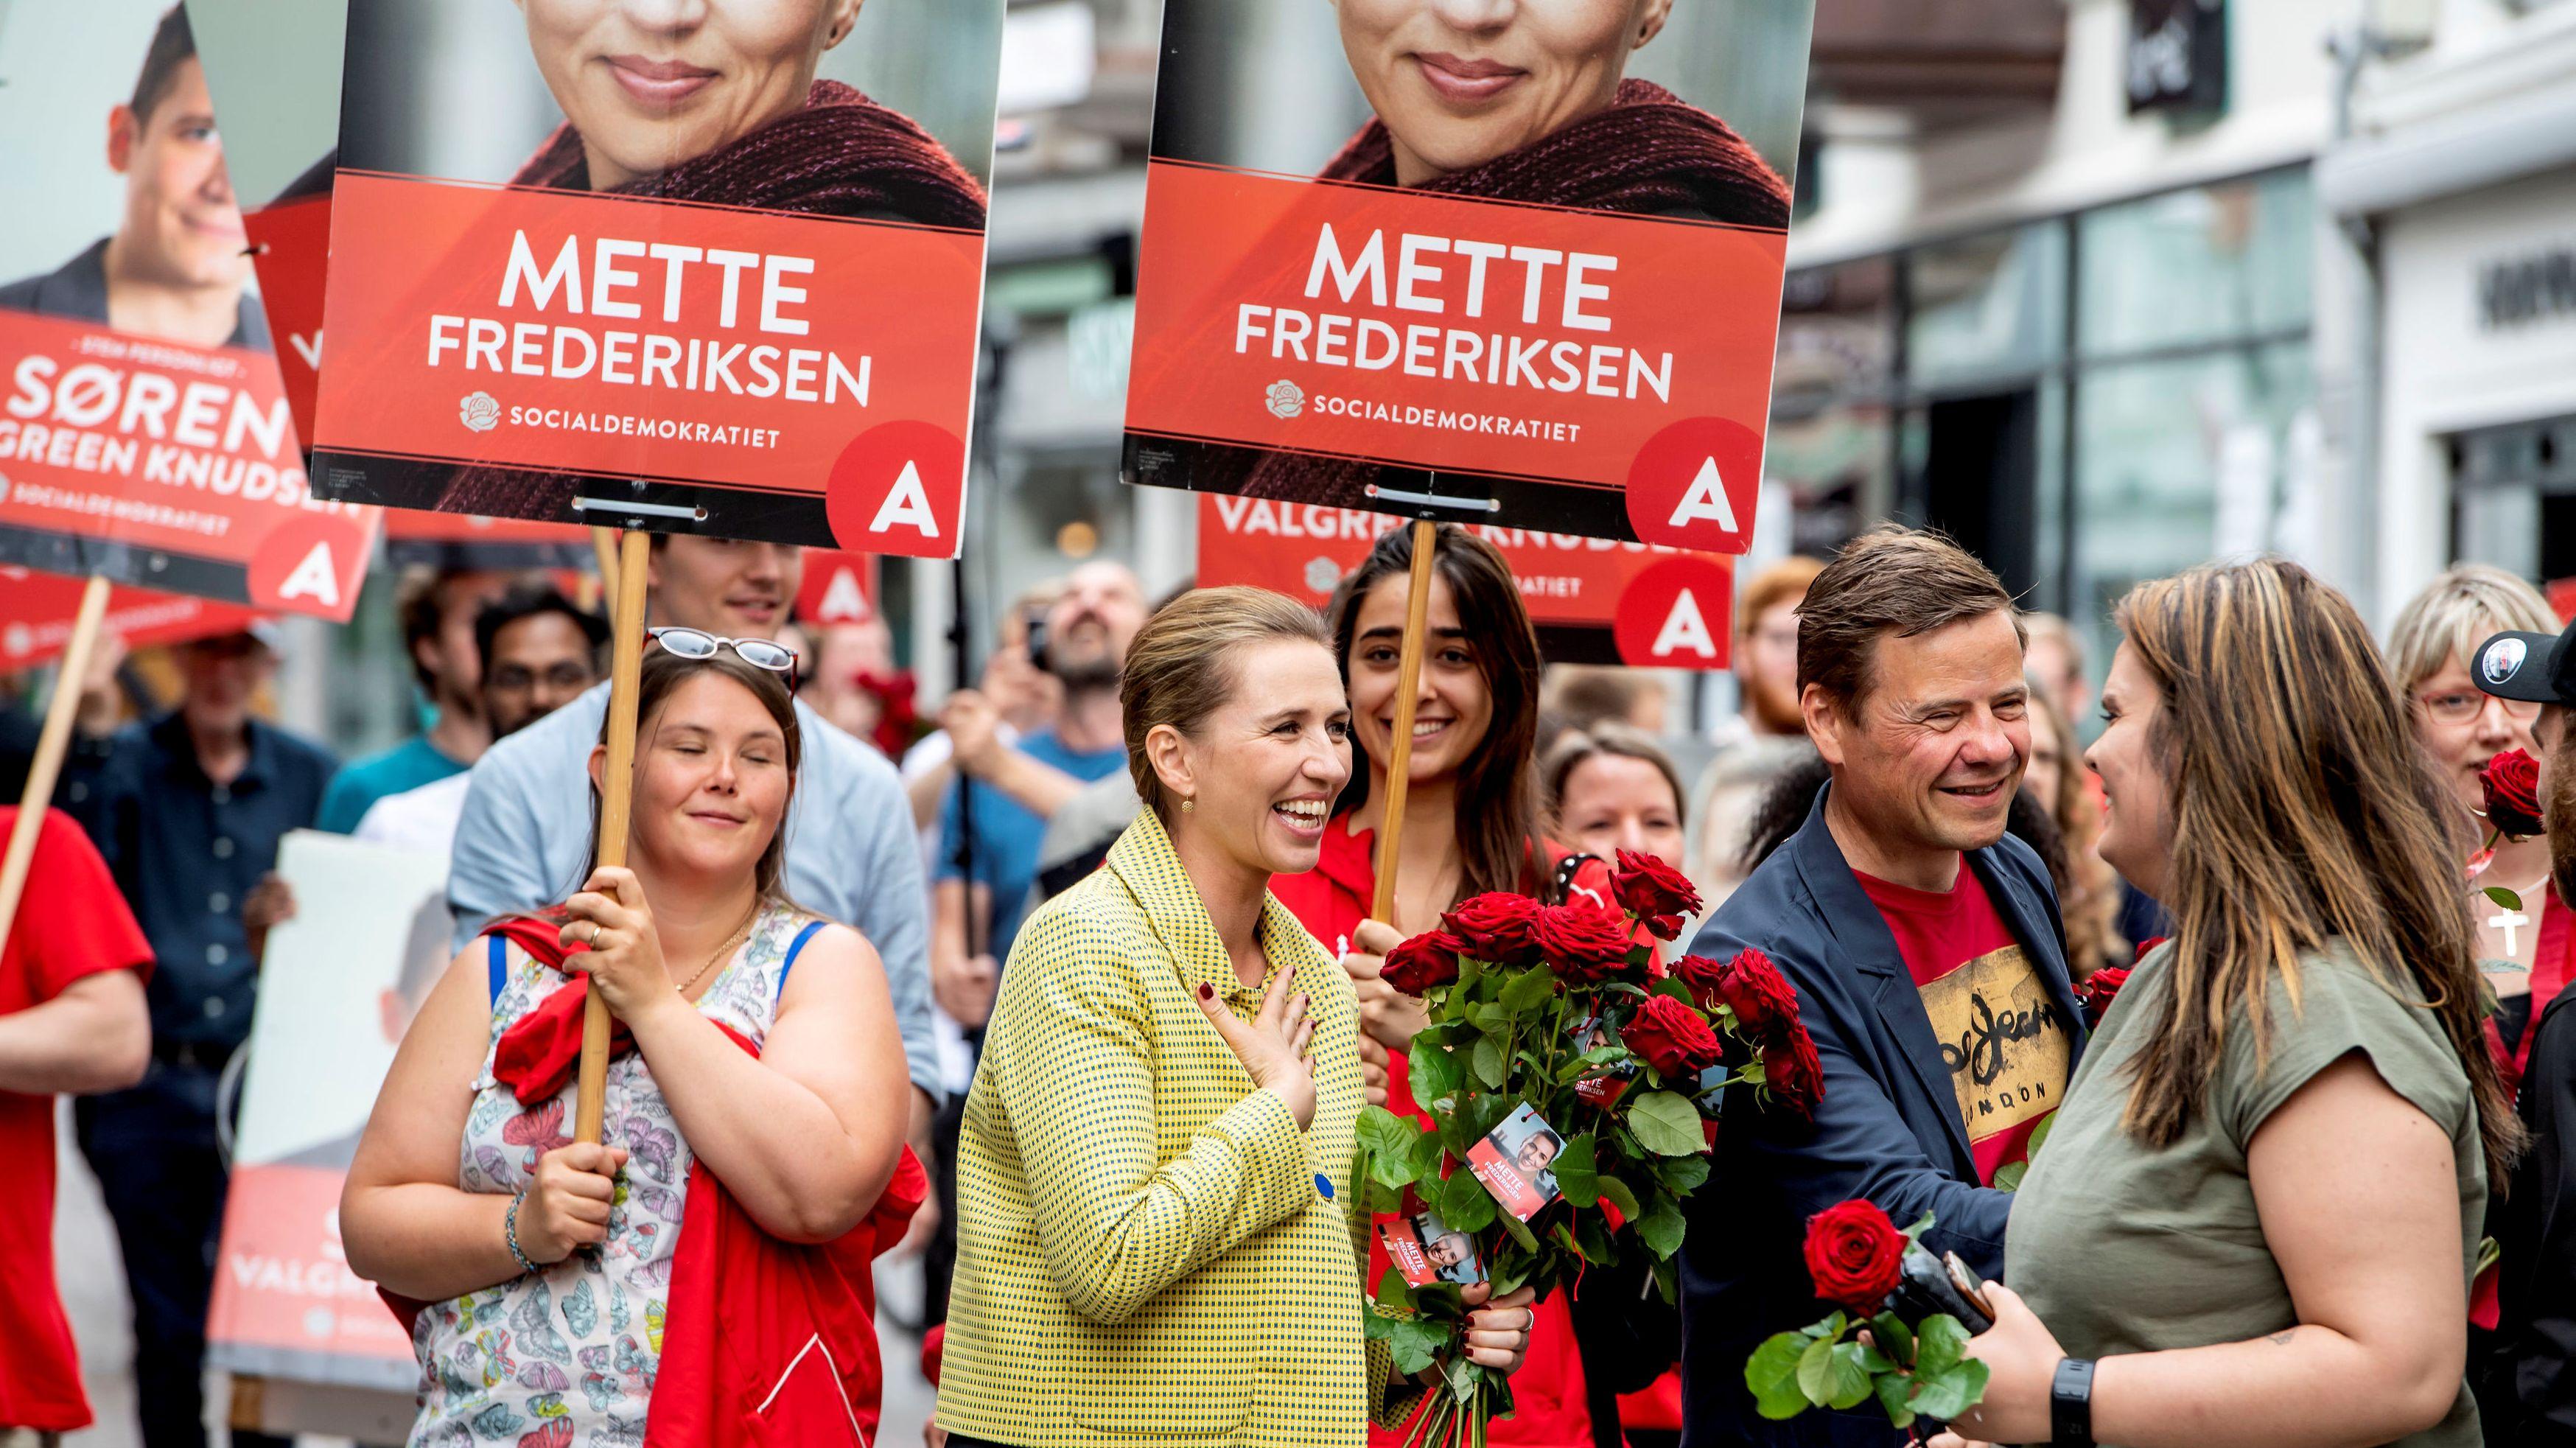 Mette Frederiksen von den dänischen Sozialdemokraten